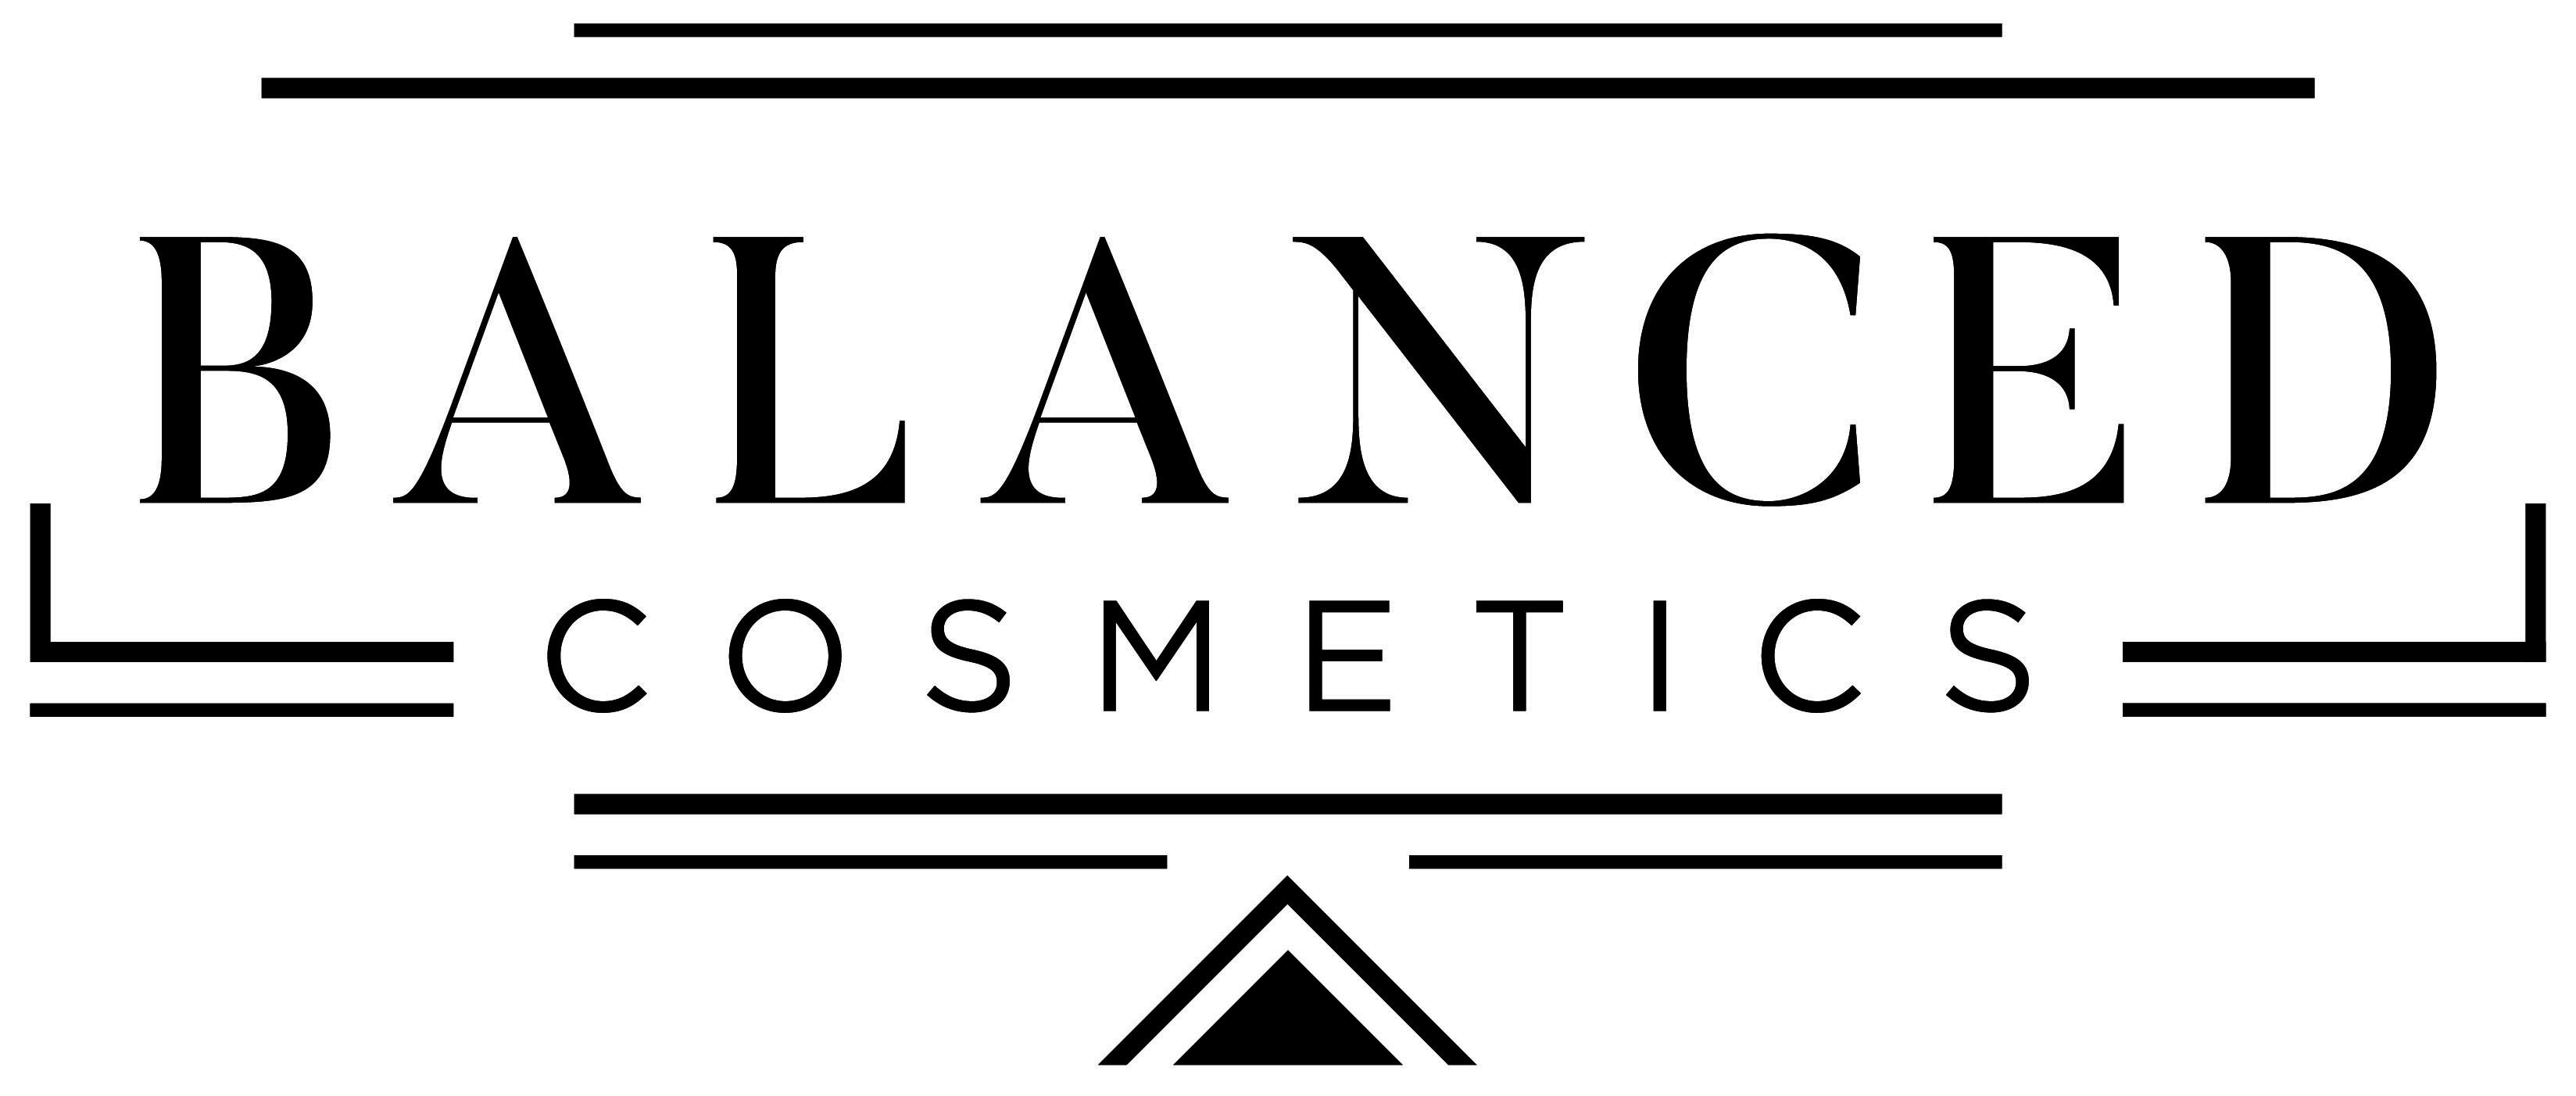 Design a beautiful logo for handmade soaps